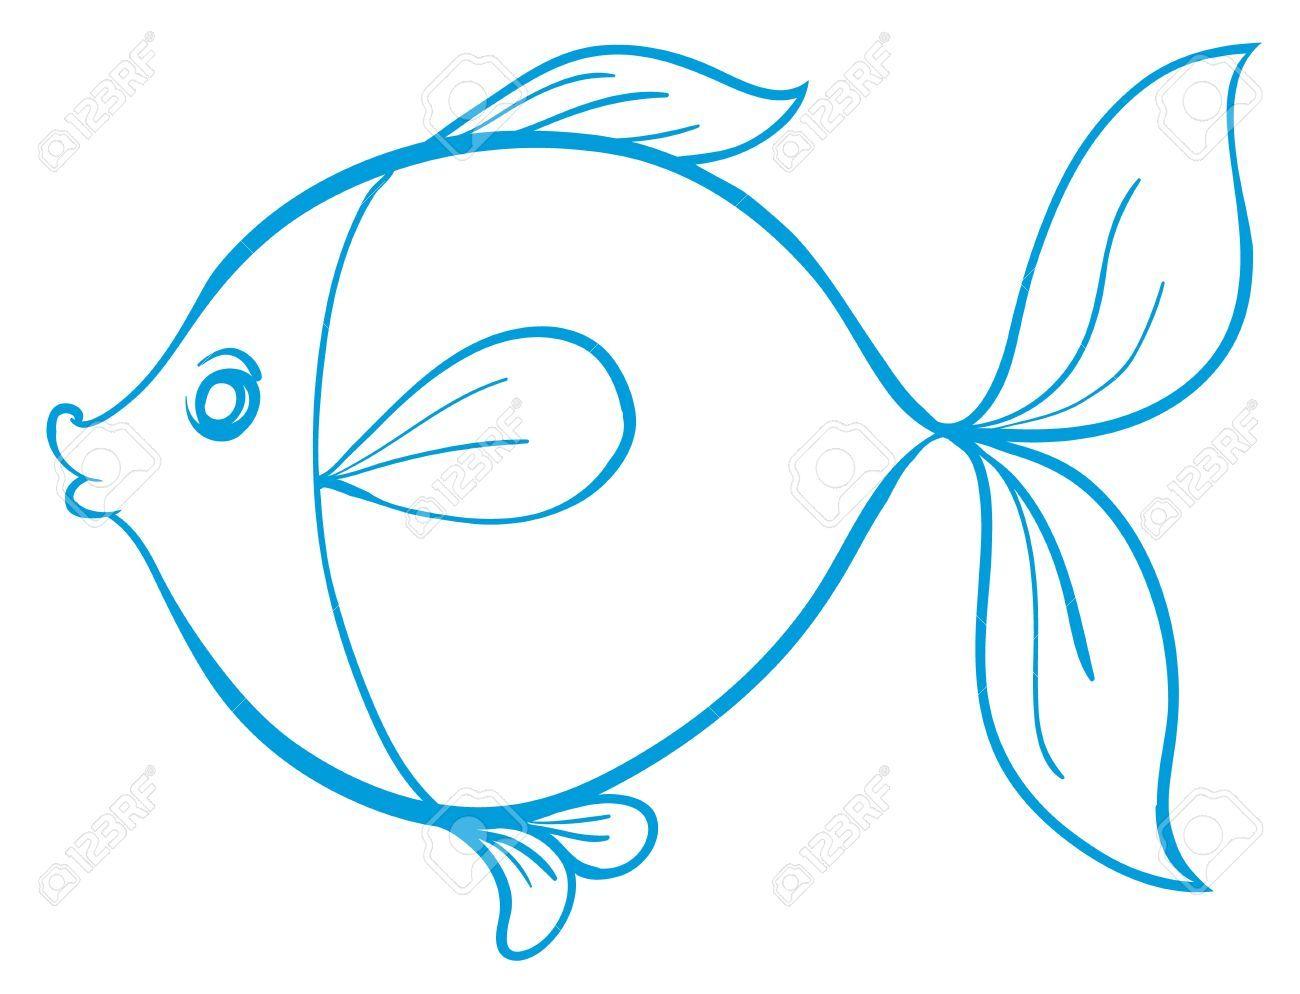 Silueta de pez. Líneas azules. Fondo blanco. | Escaparate ...